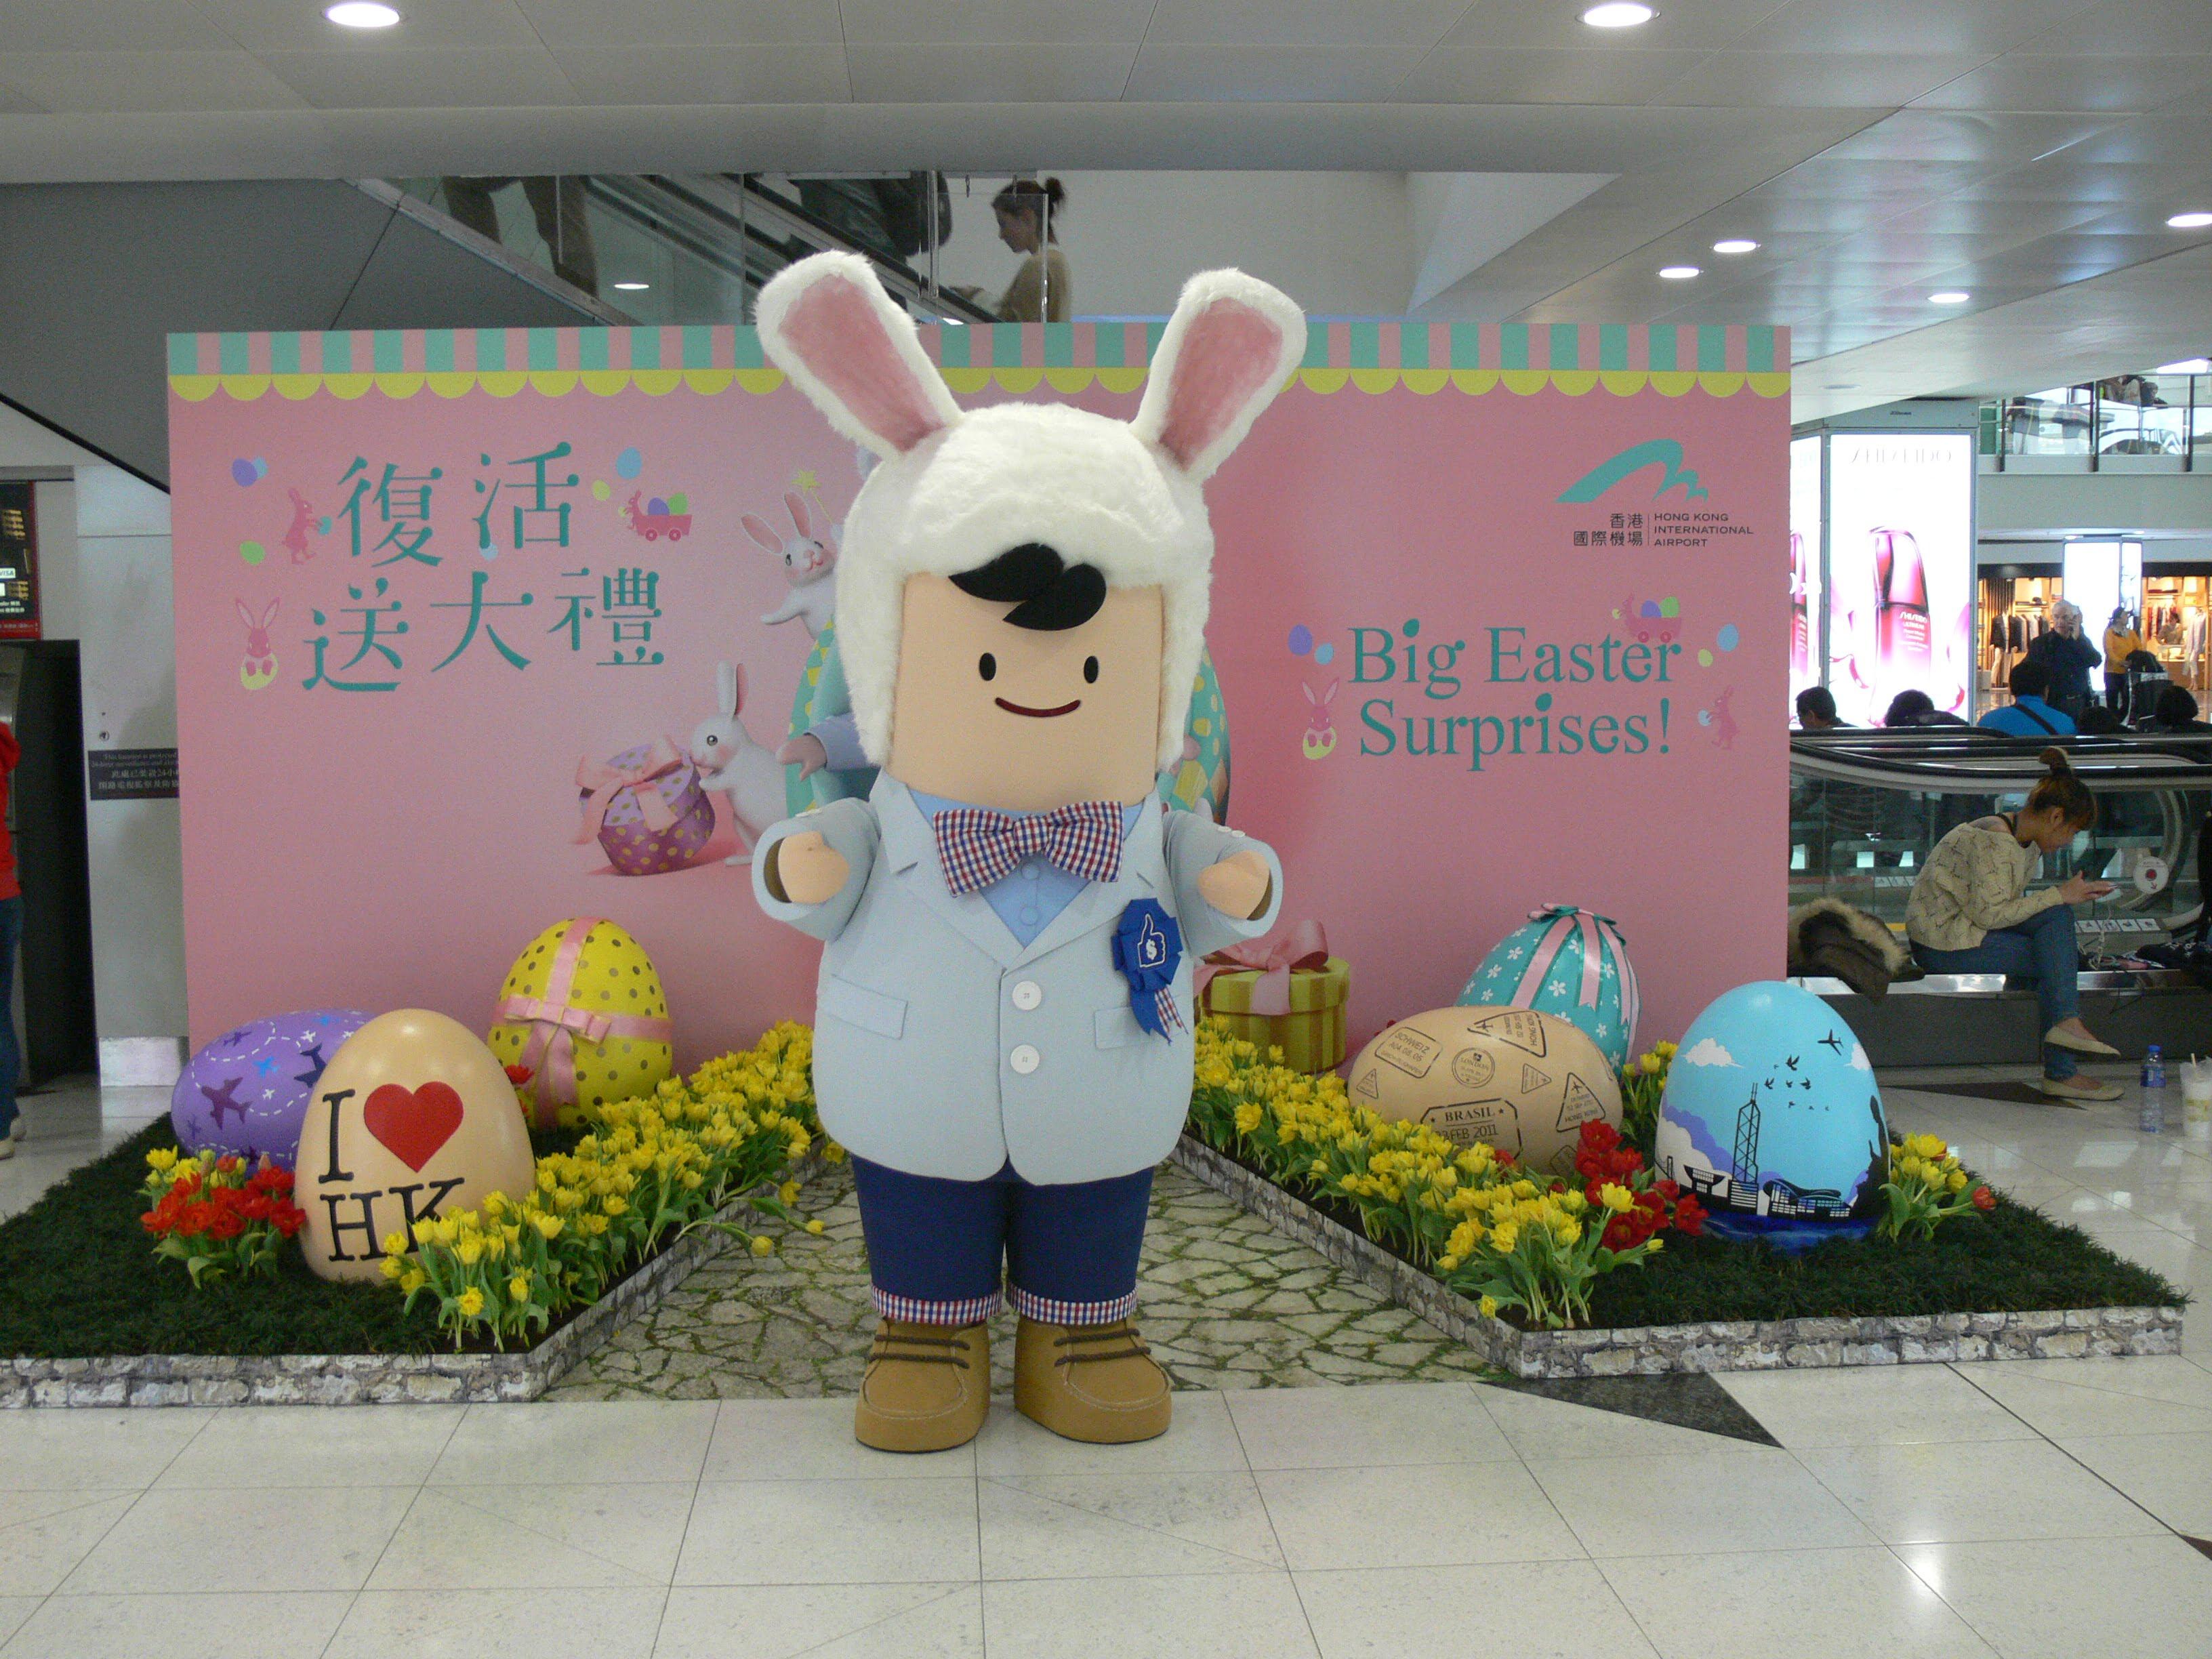 Hong Kong Easter bunny!! Gotta love it.